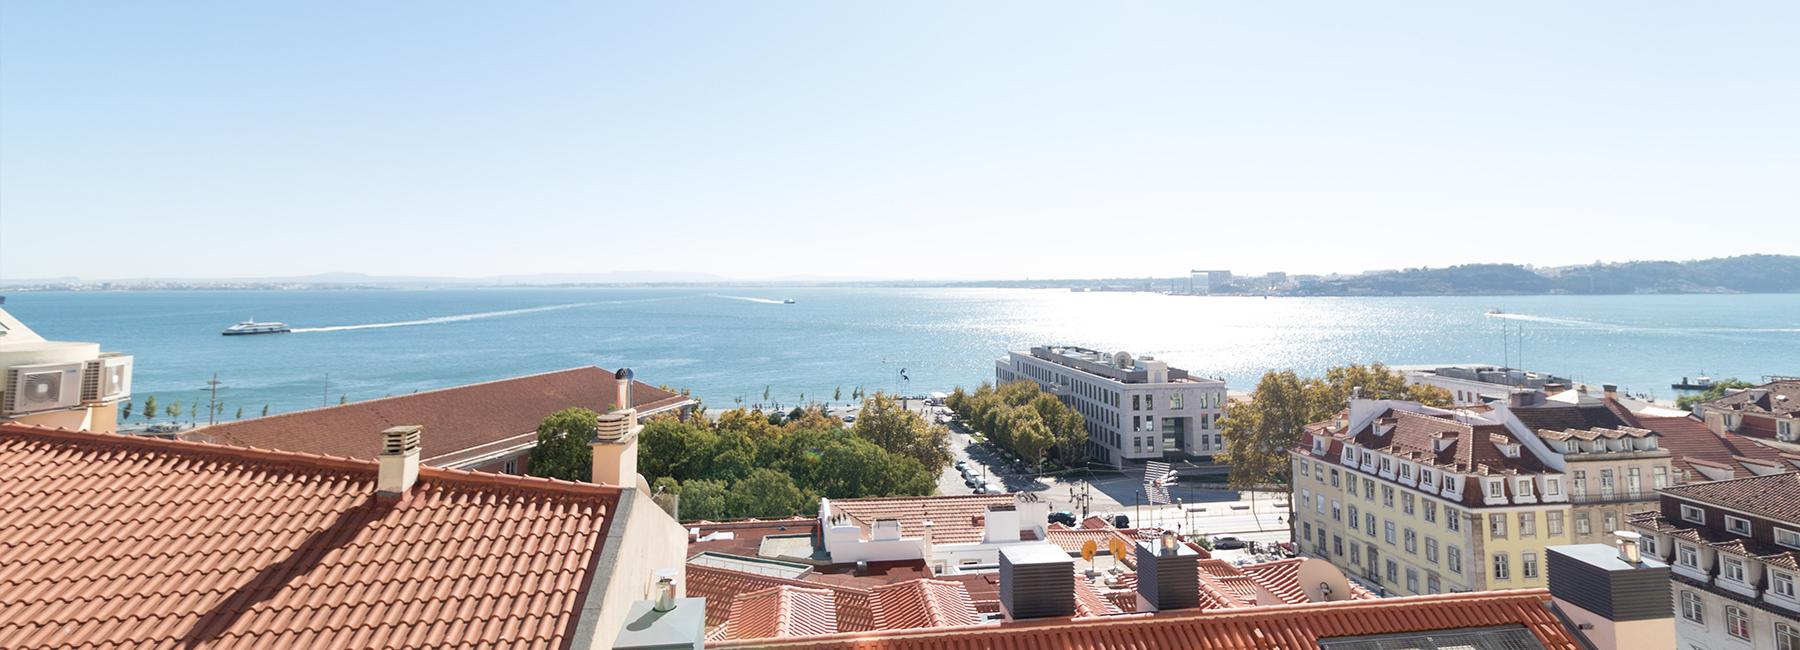 <a href='http://www.castelhana.pt/imovel/apartamento-t4-no-chiado-lisboa/?rid=7184757' target='_blank'>Chiado - Apartamento T4 </a>